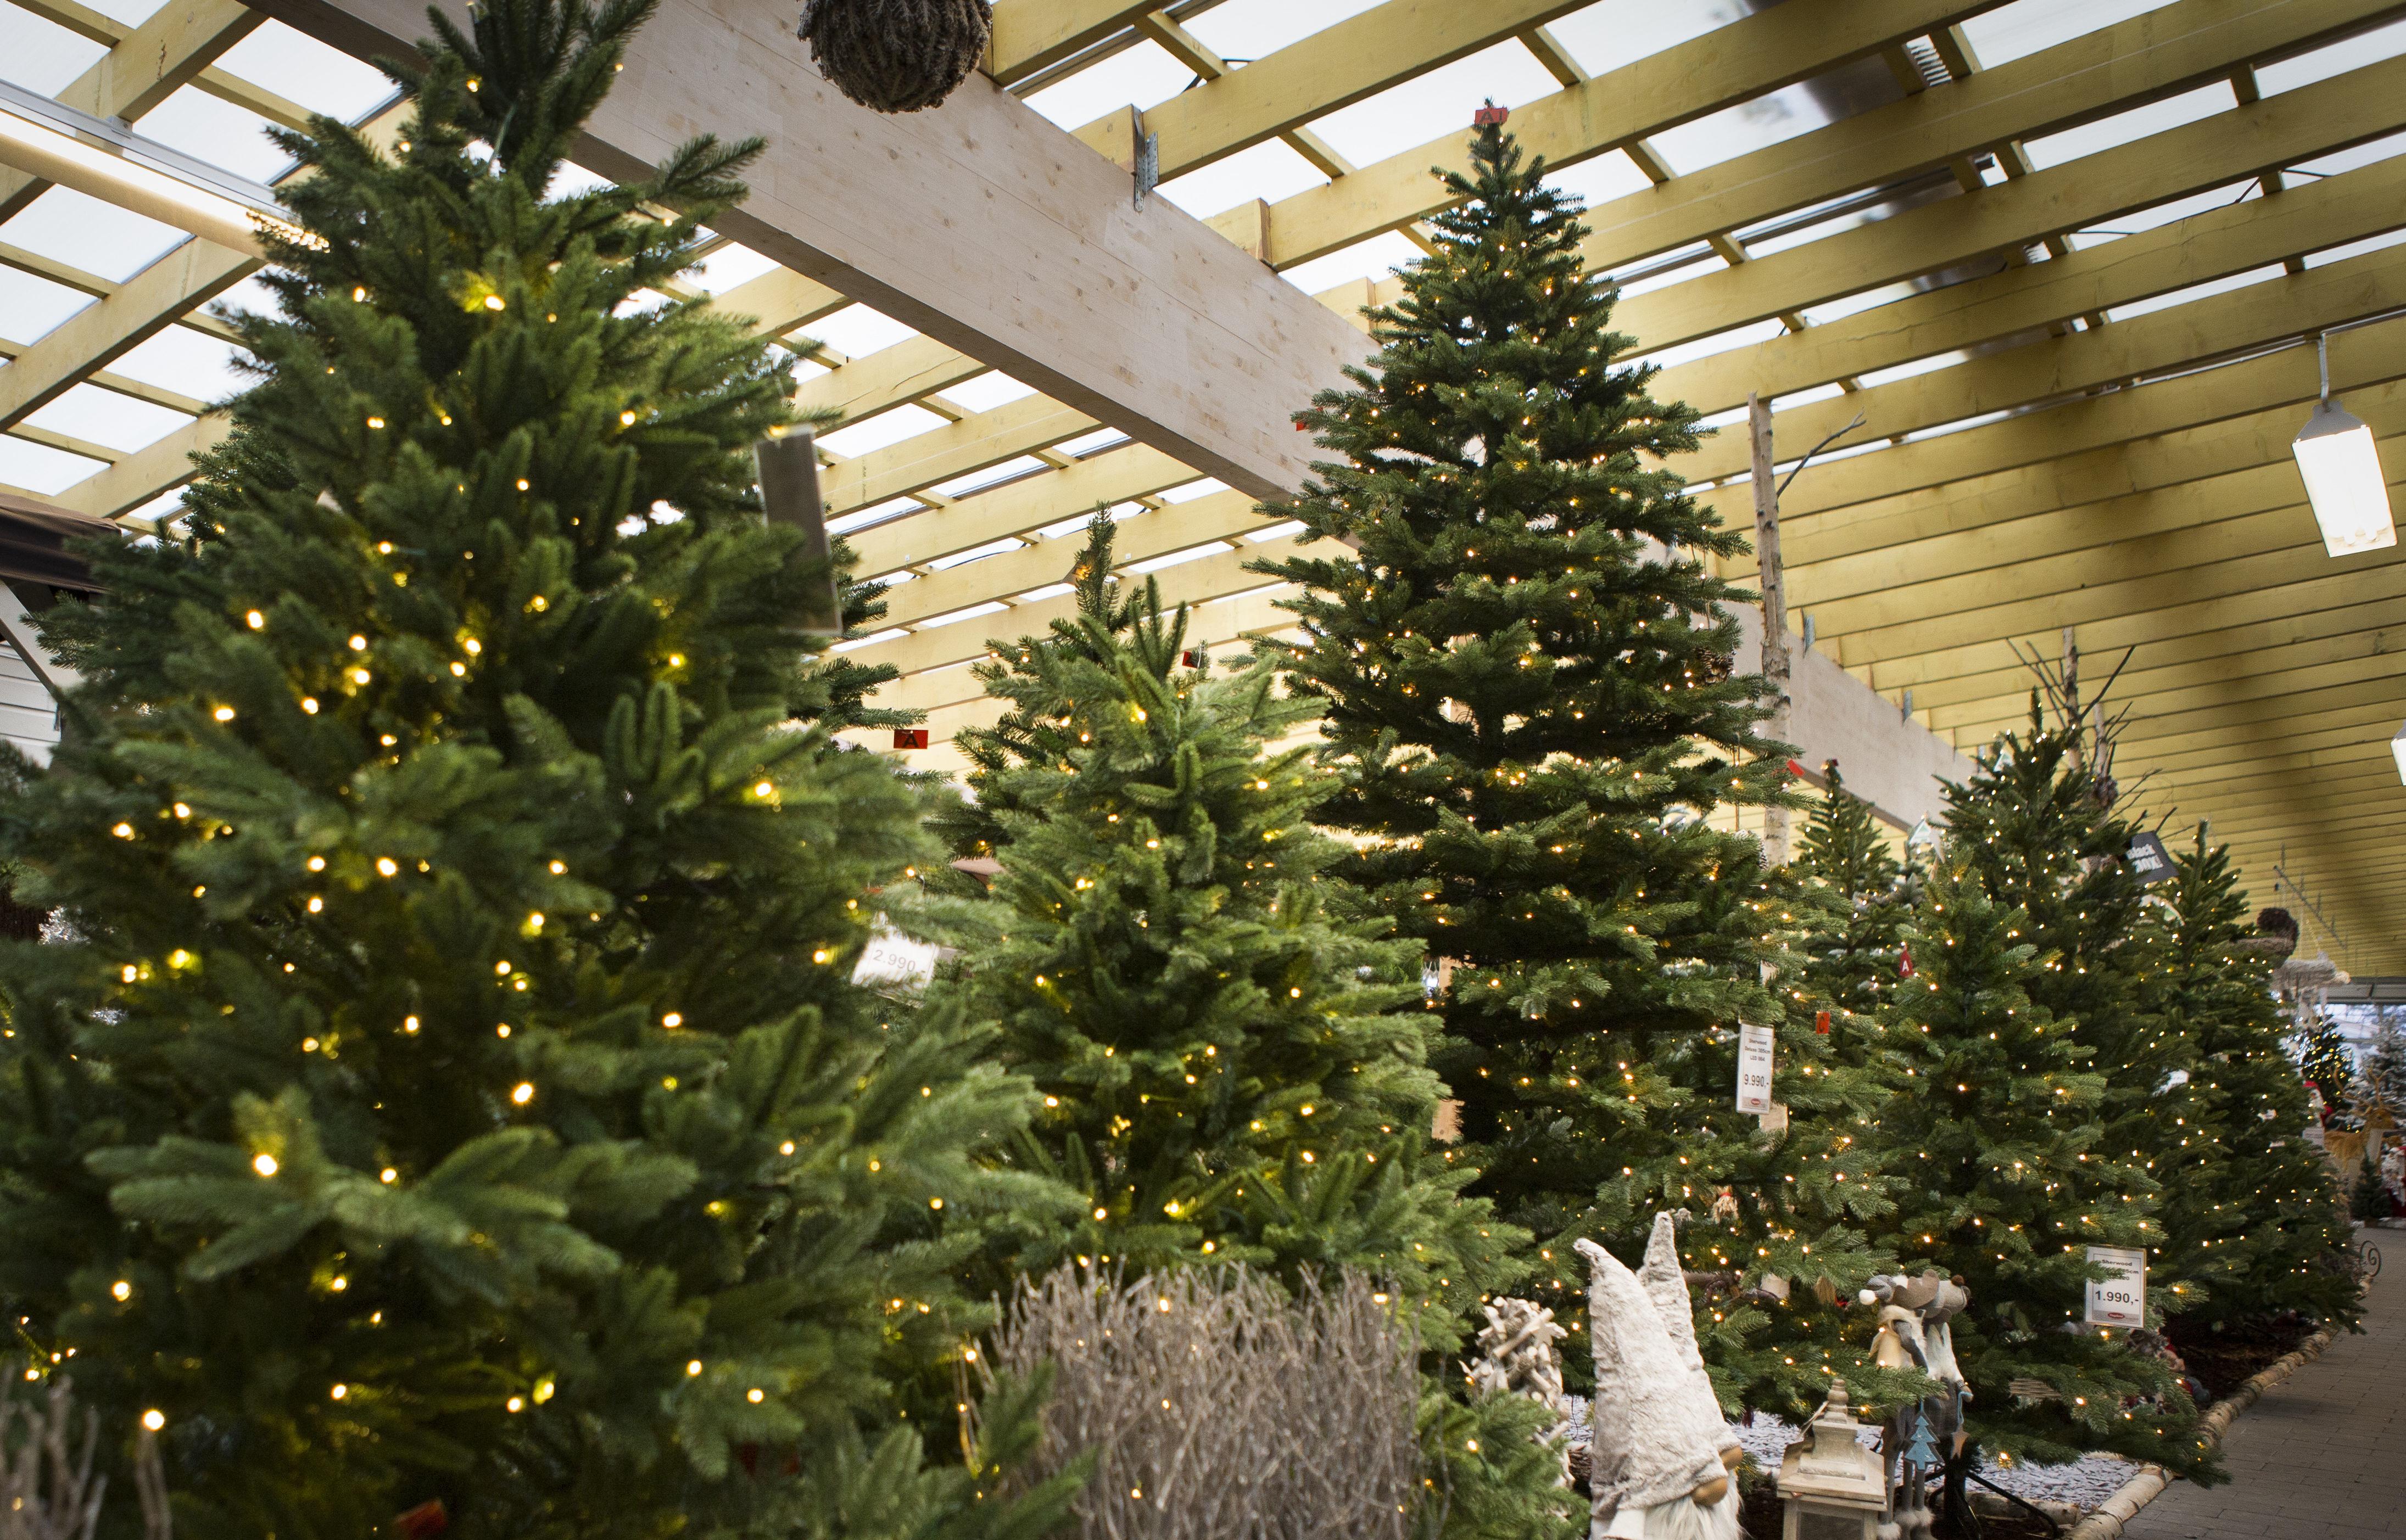 Oppdatert Stor vekst for små juletrær | ABC Nyheter PF-87